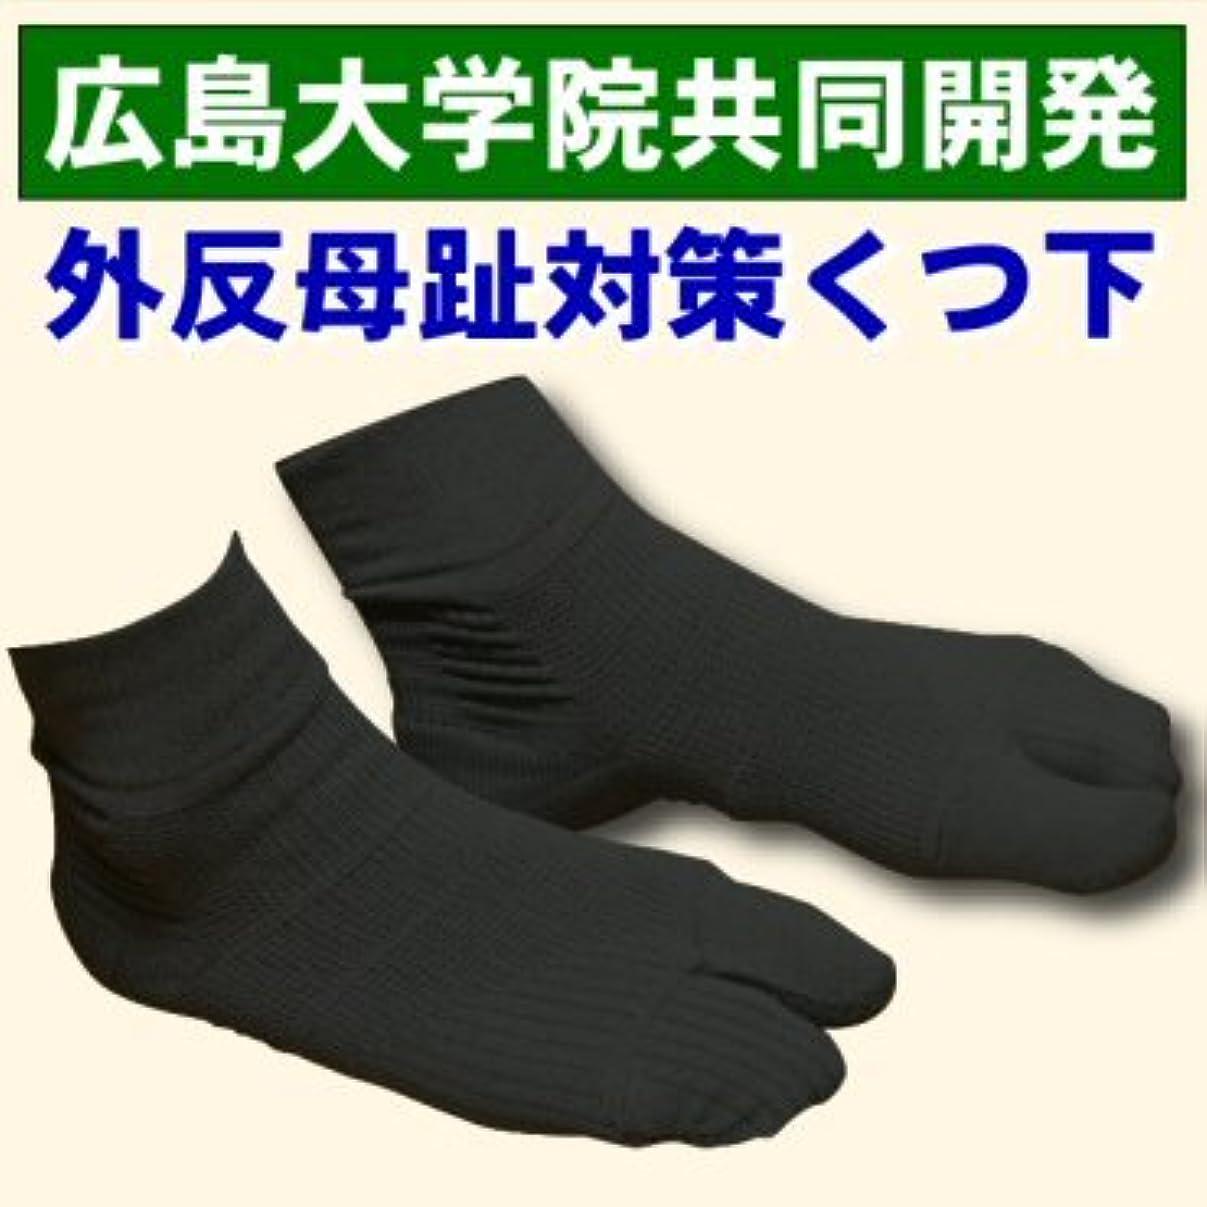 運命的な浪費愚かな外反母趾対策靴下(24-25cm?ブラック)【日本製】